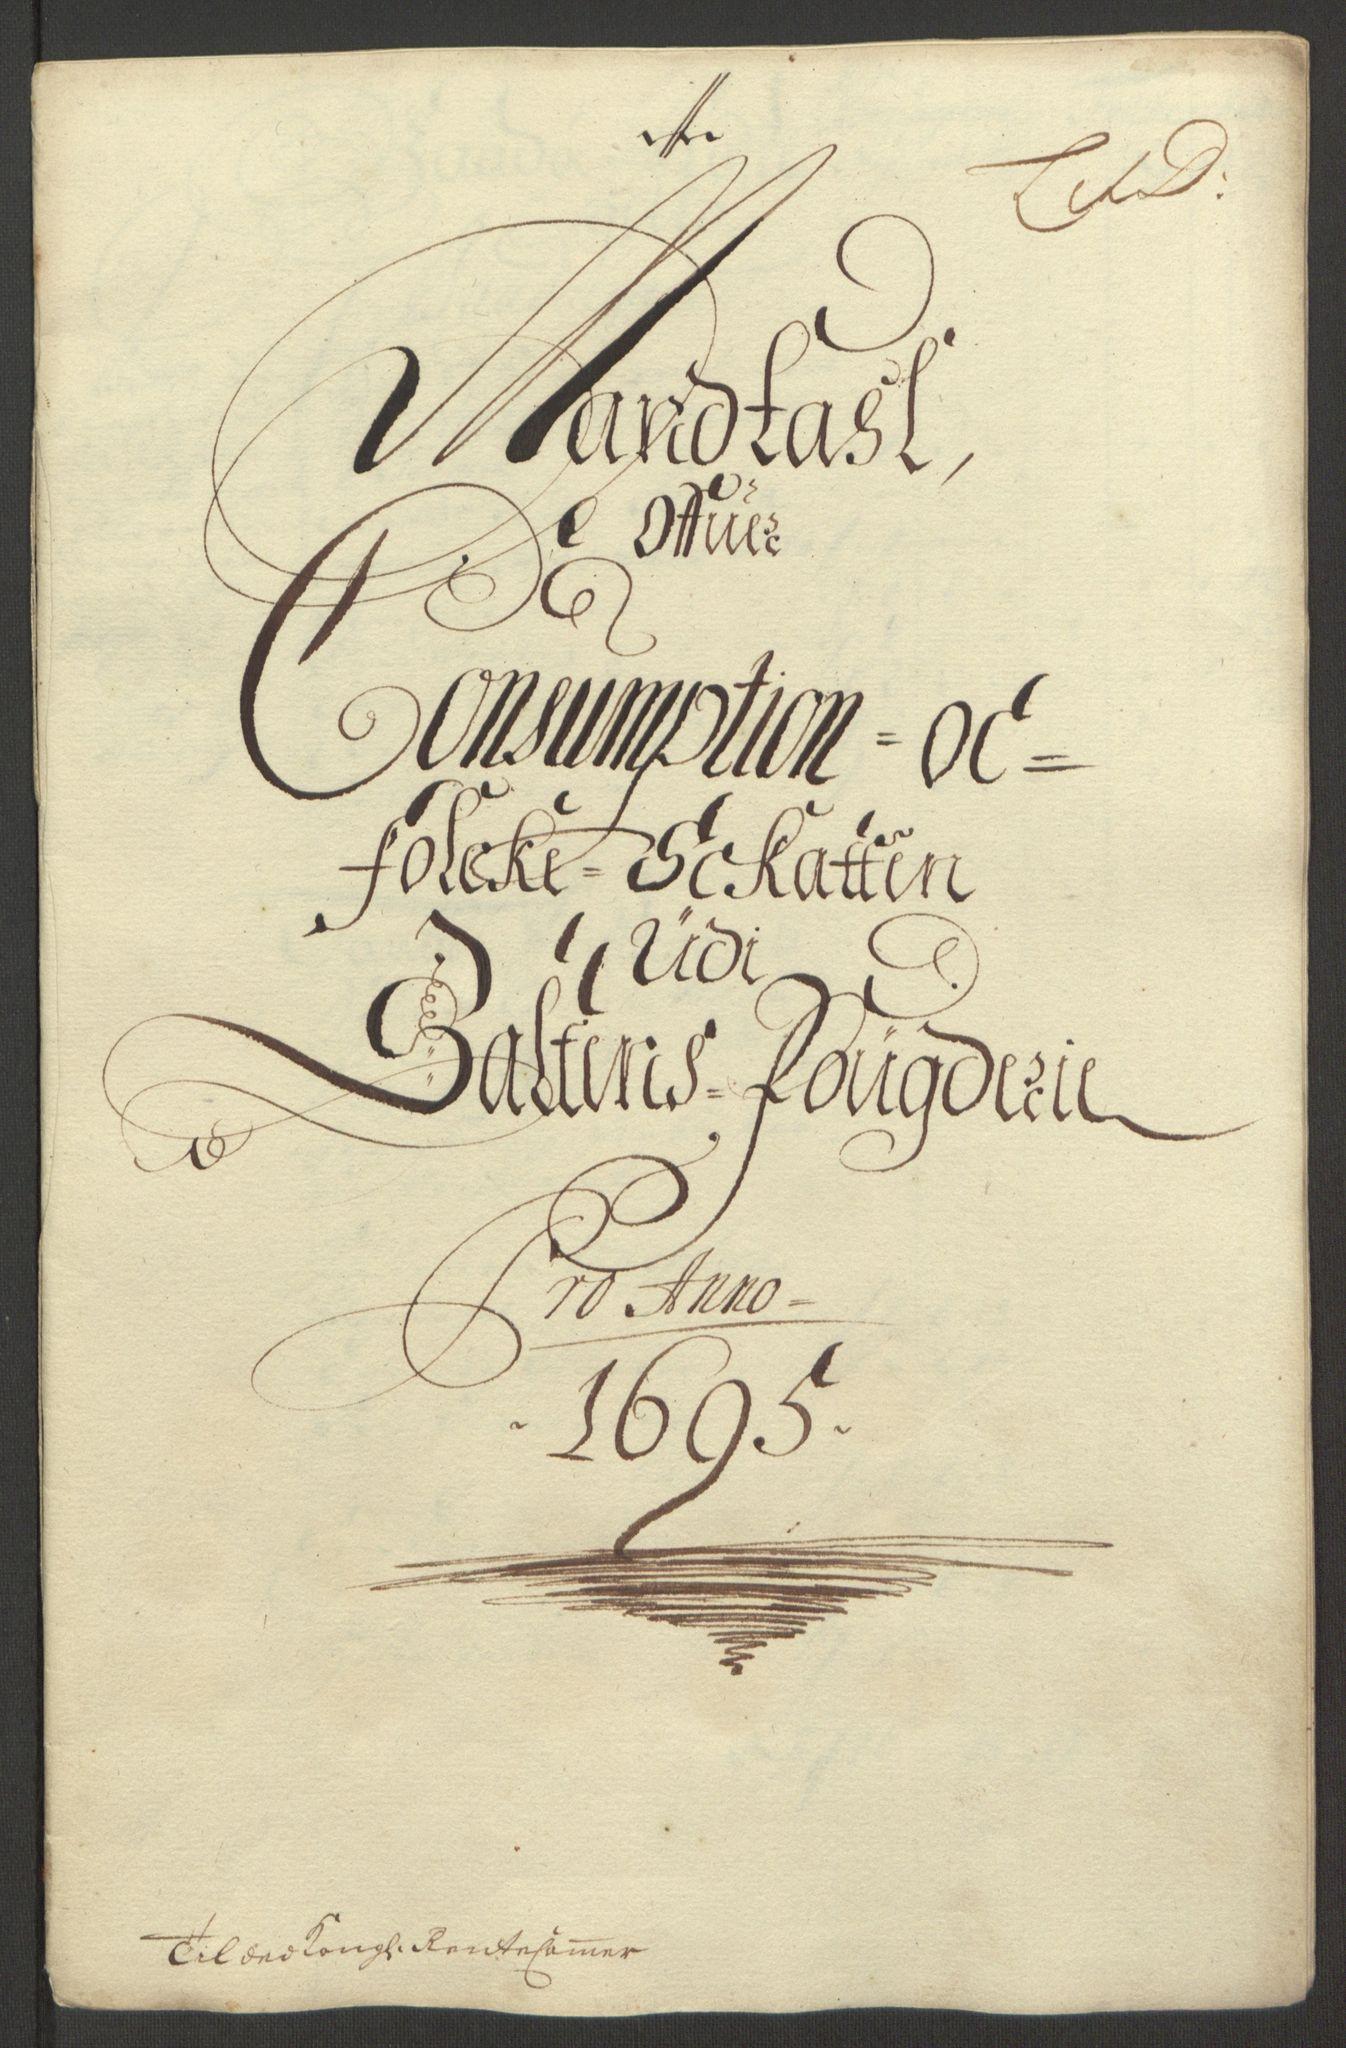 RA, Rentekammeret inntil 1814, Reviderte regnskaper, Fogderegnskap, R66/L4578: Fogderegnskap Salten, 1694-1696, s. 155